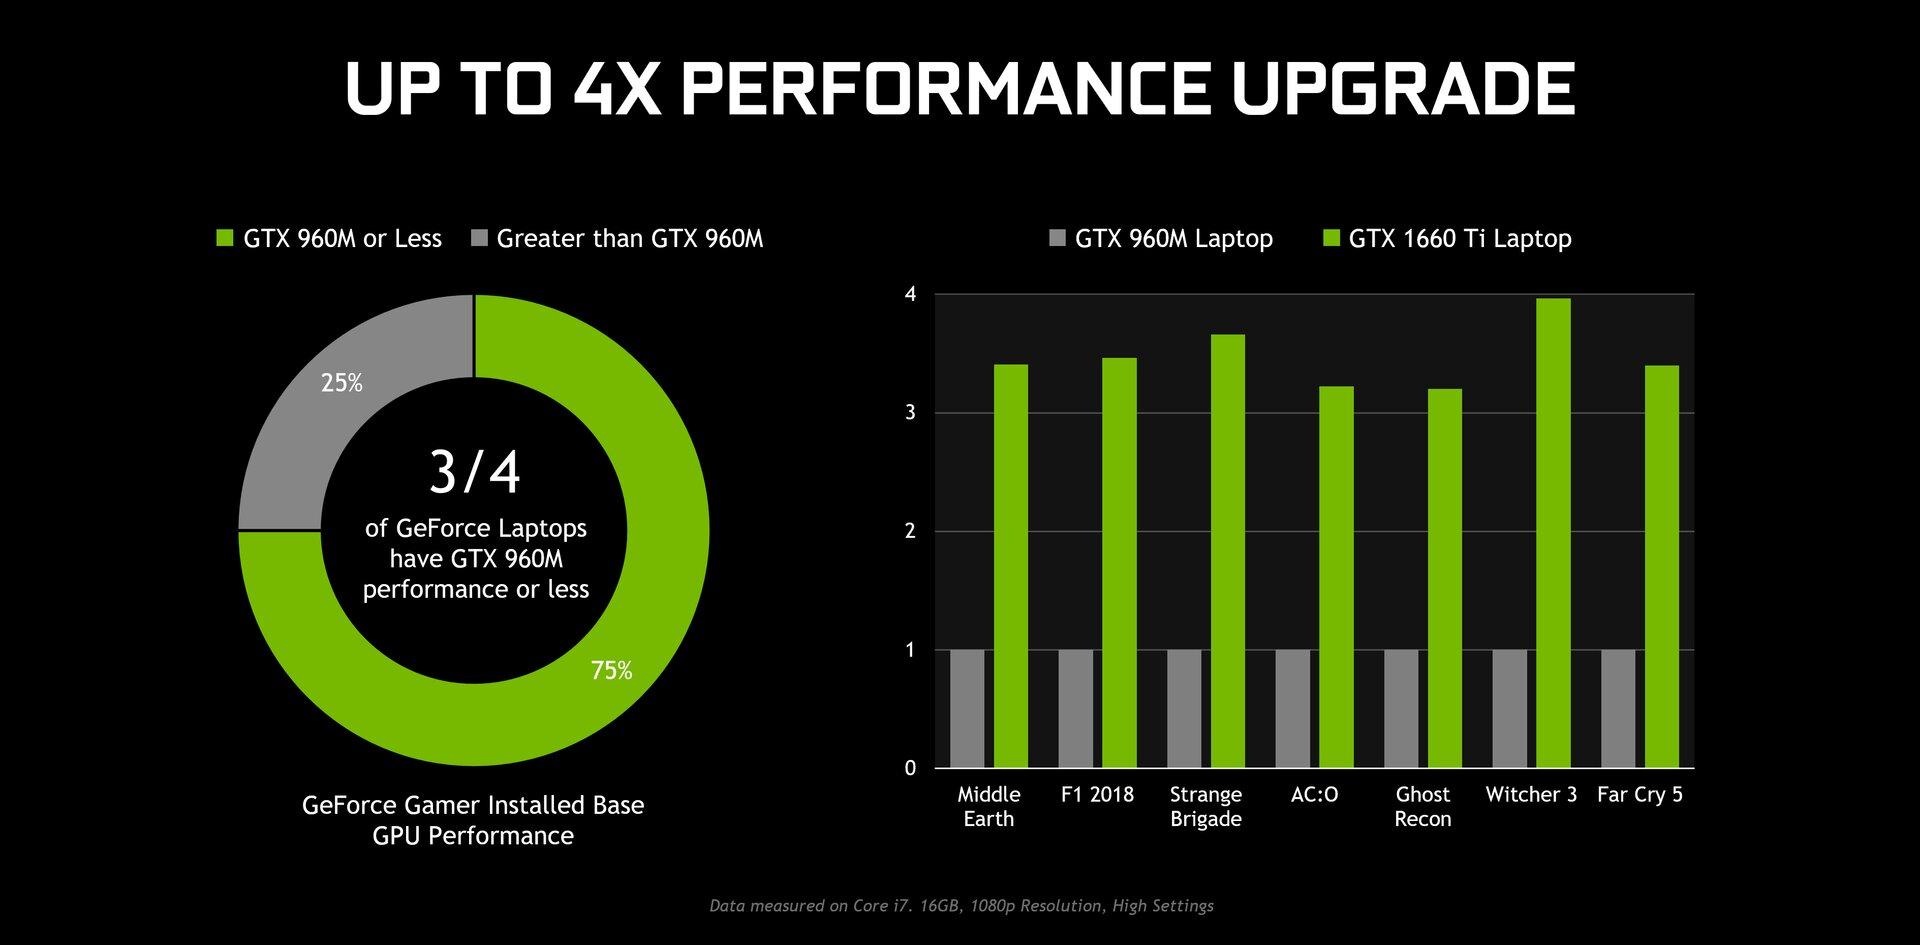 Nvidia vergleicht GTX 1660 Ti mit vier Jahre alter GTX 960M